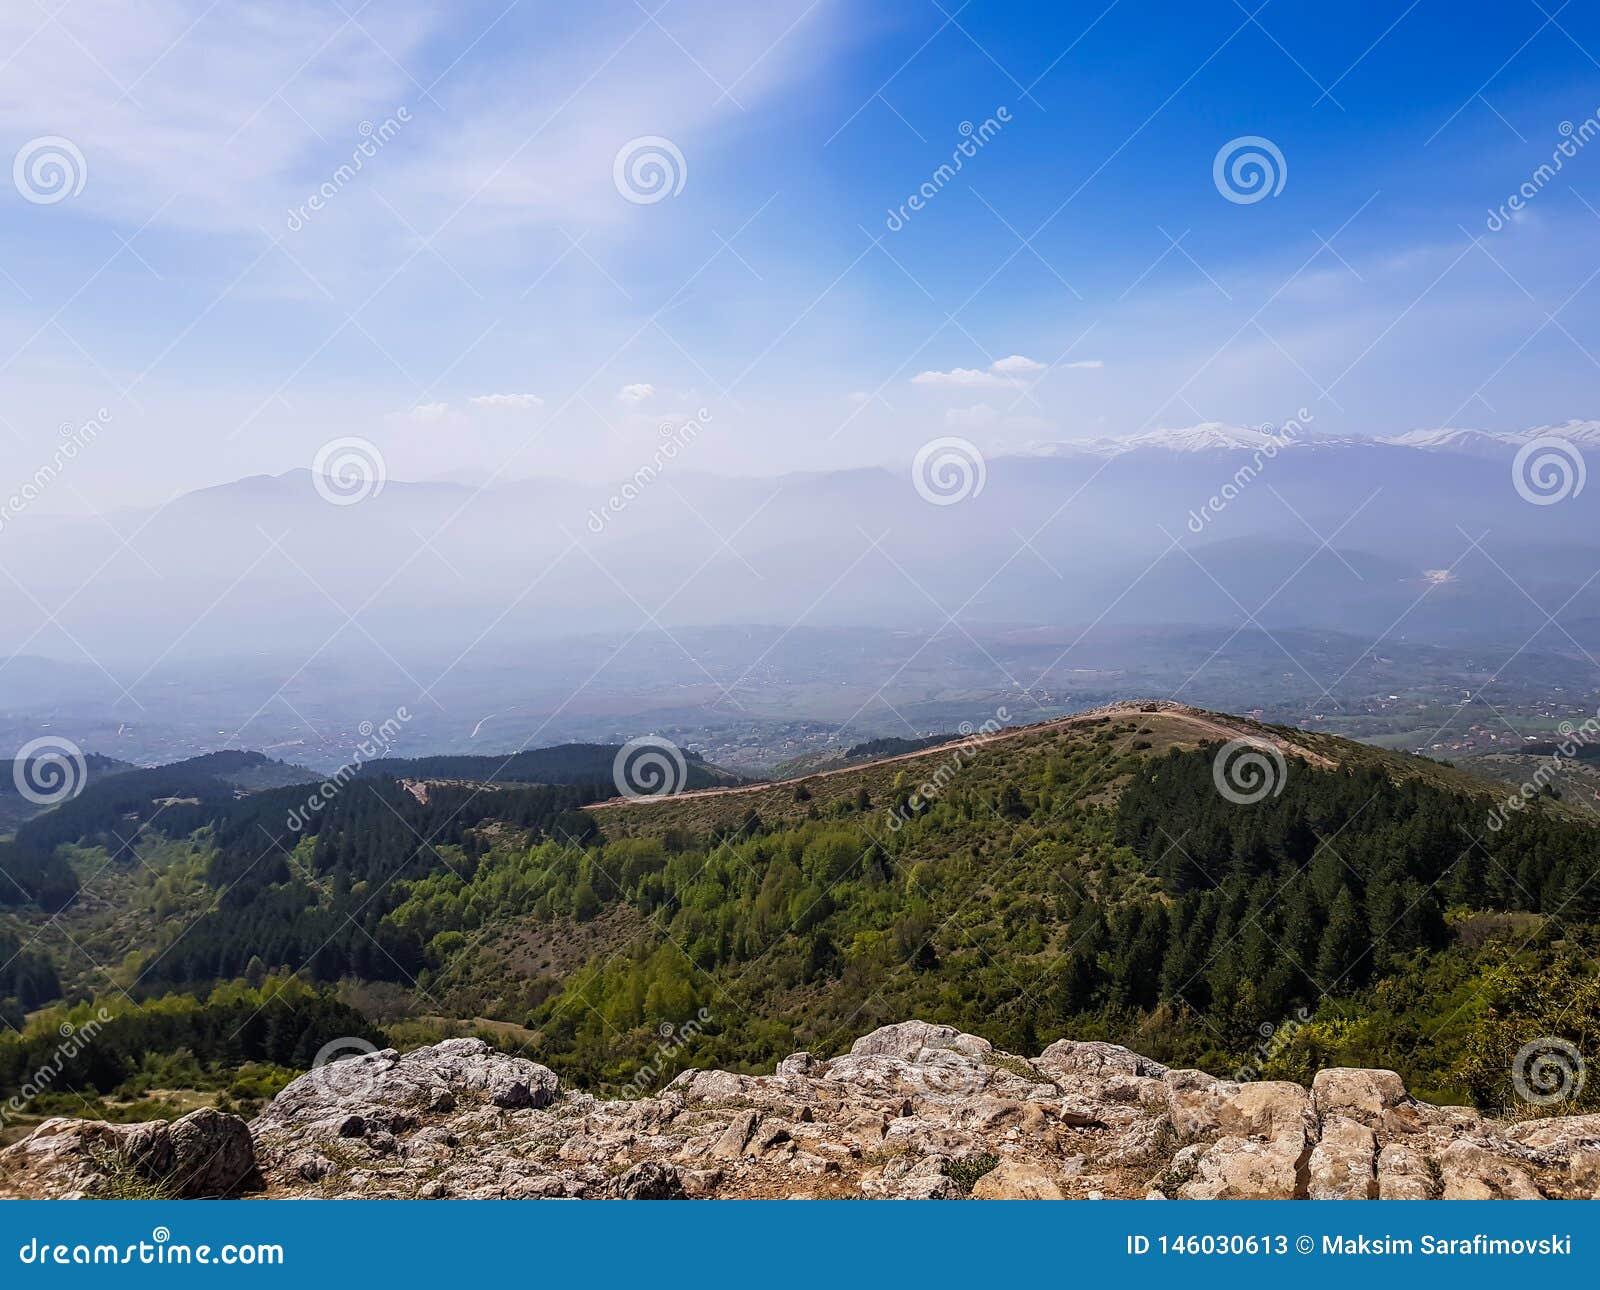 山剪影的照片与雾的